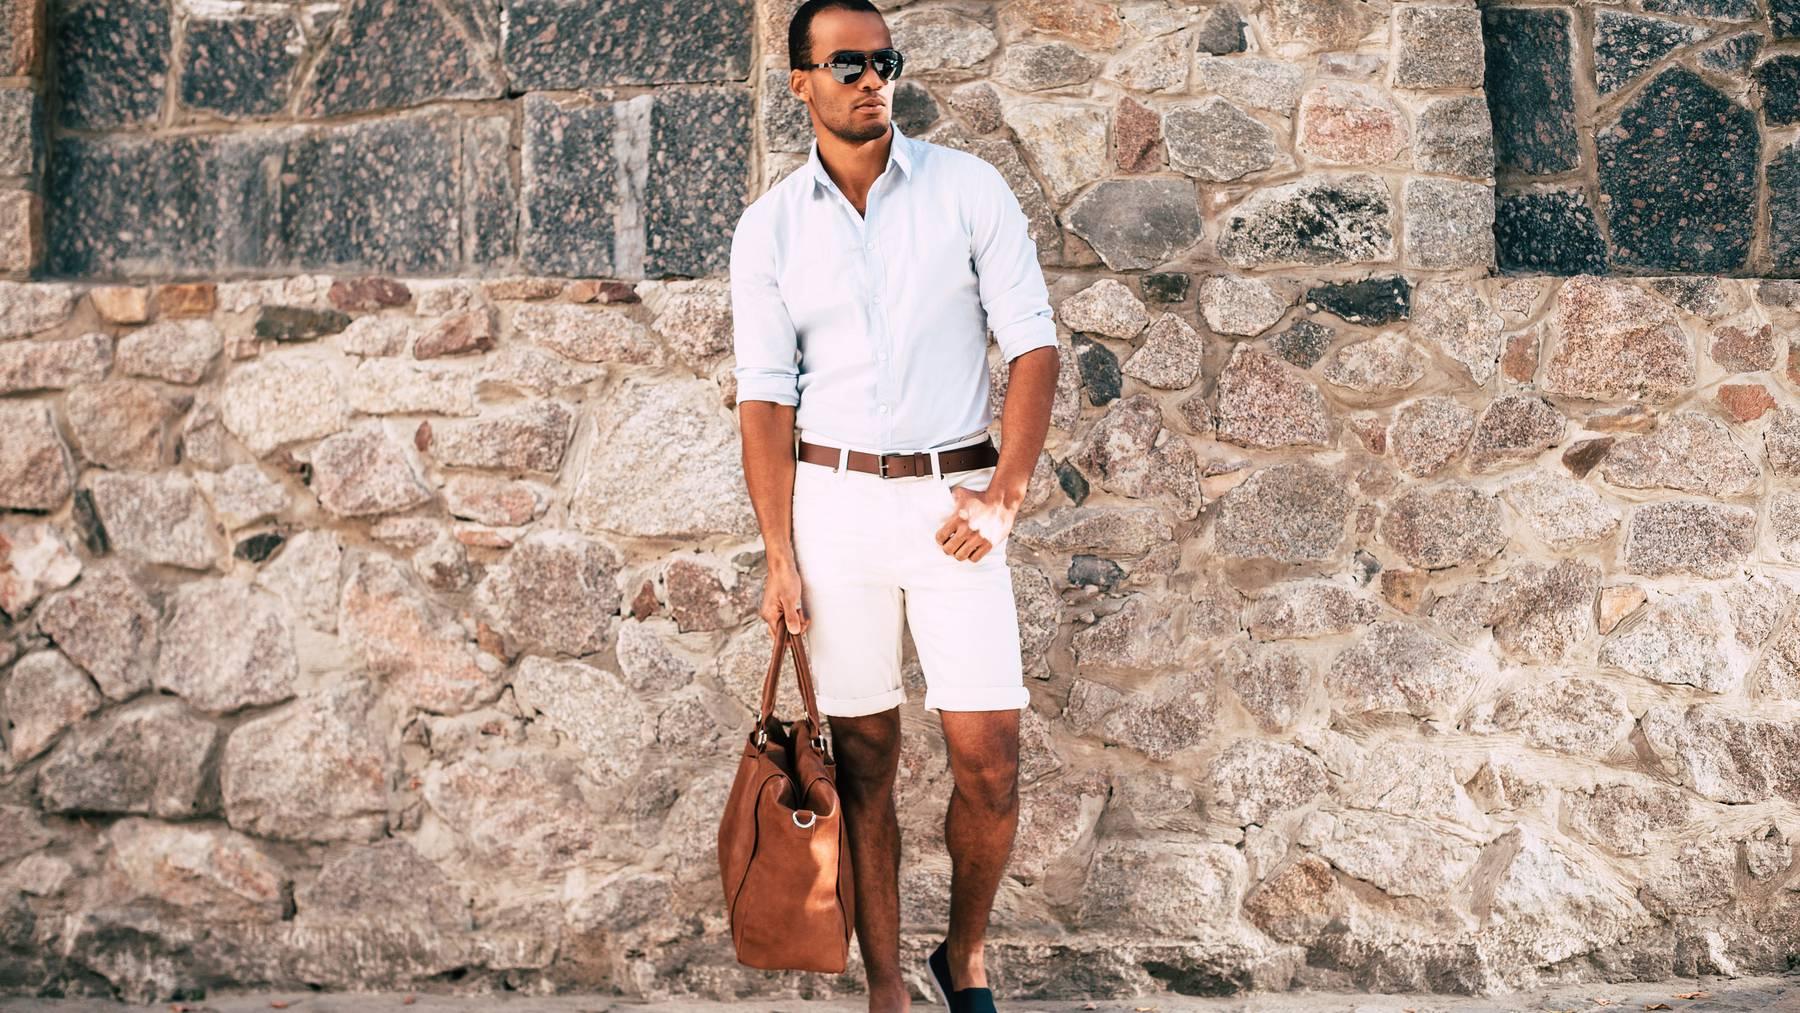 So trägt man kurze Hosen: Nicht zu kurz, nicht zu lang und mit den richtigen Socken und Schuhen. (Symbolbild)